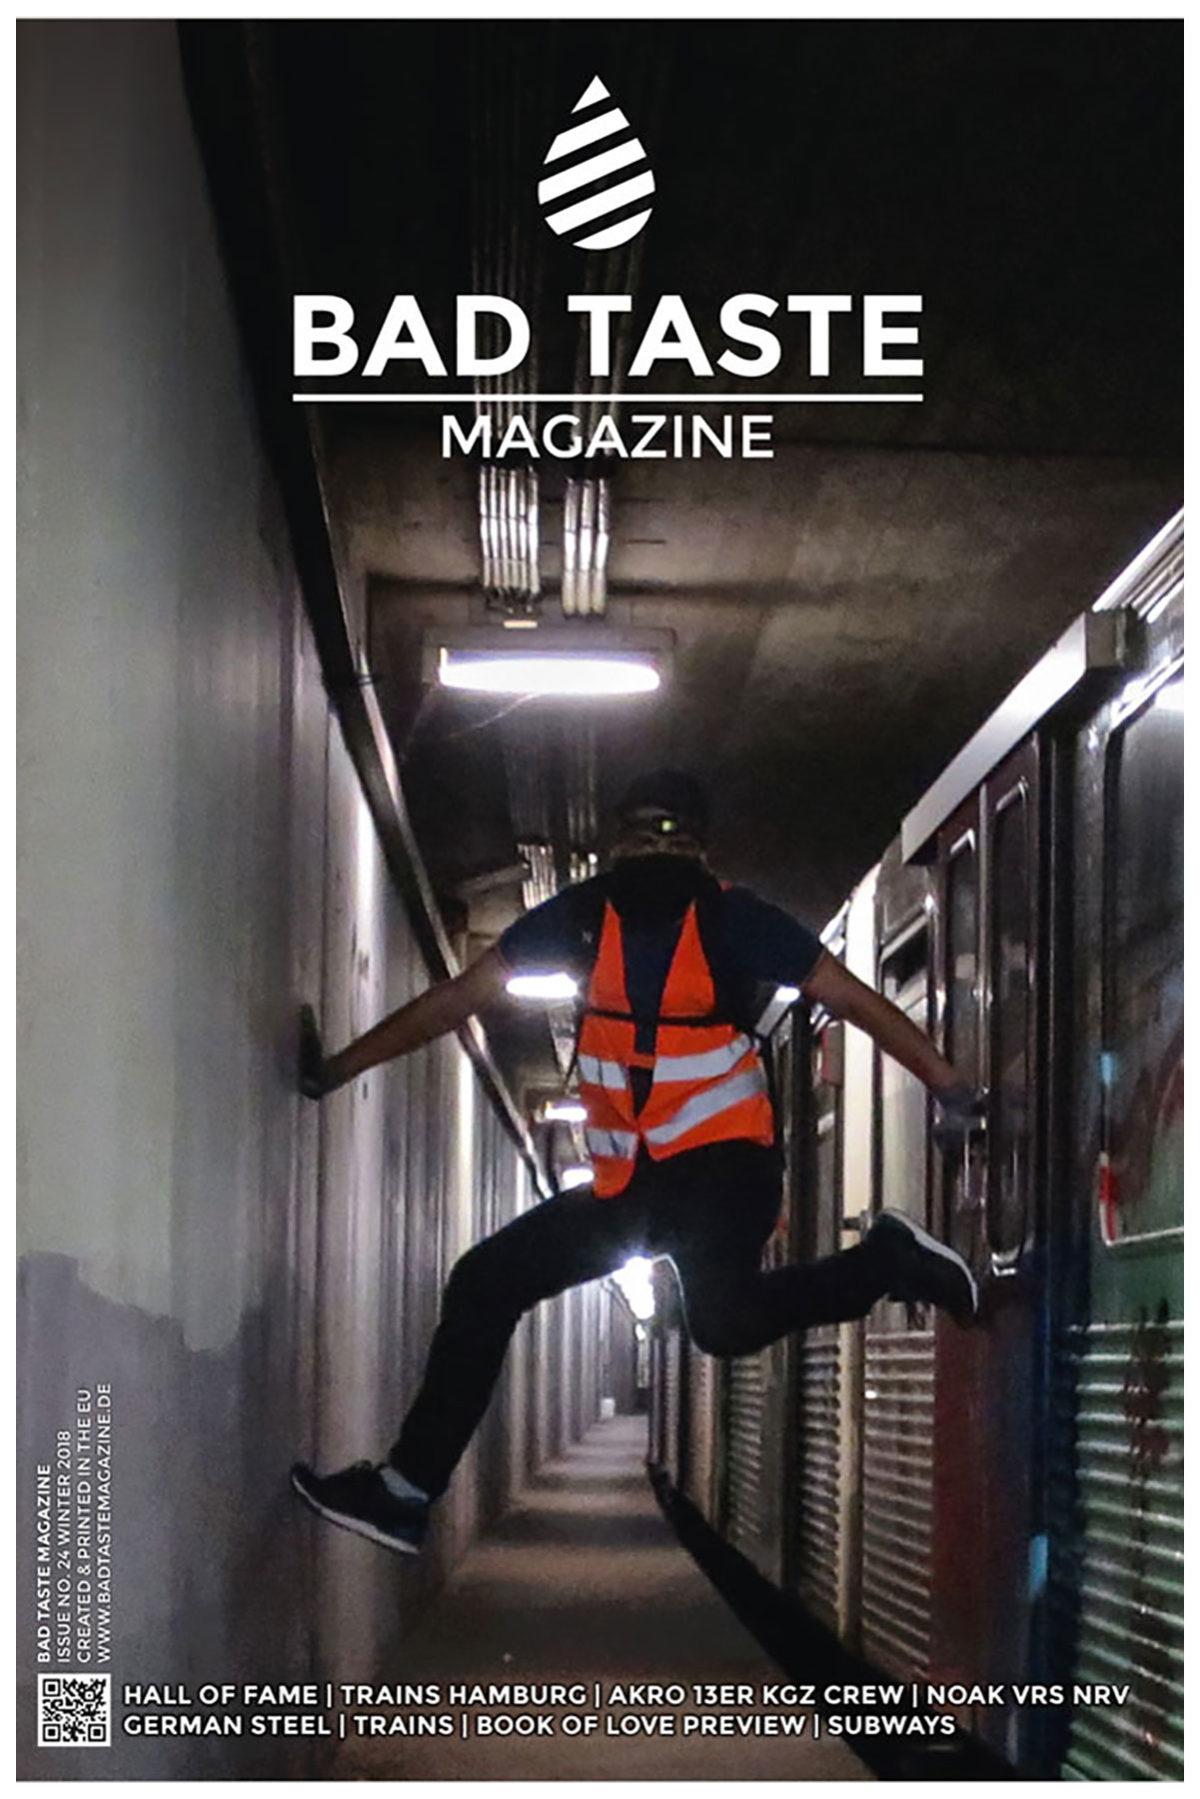 BAD TASTE #24 Magazine